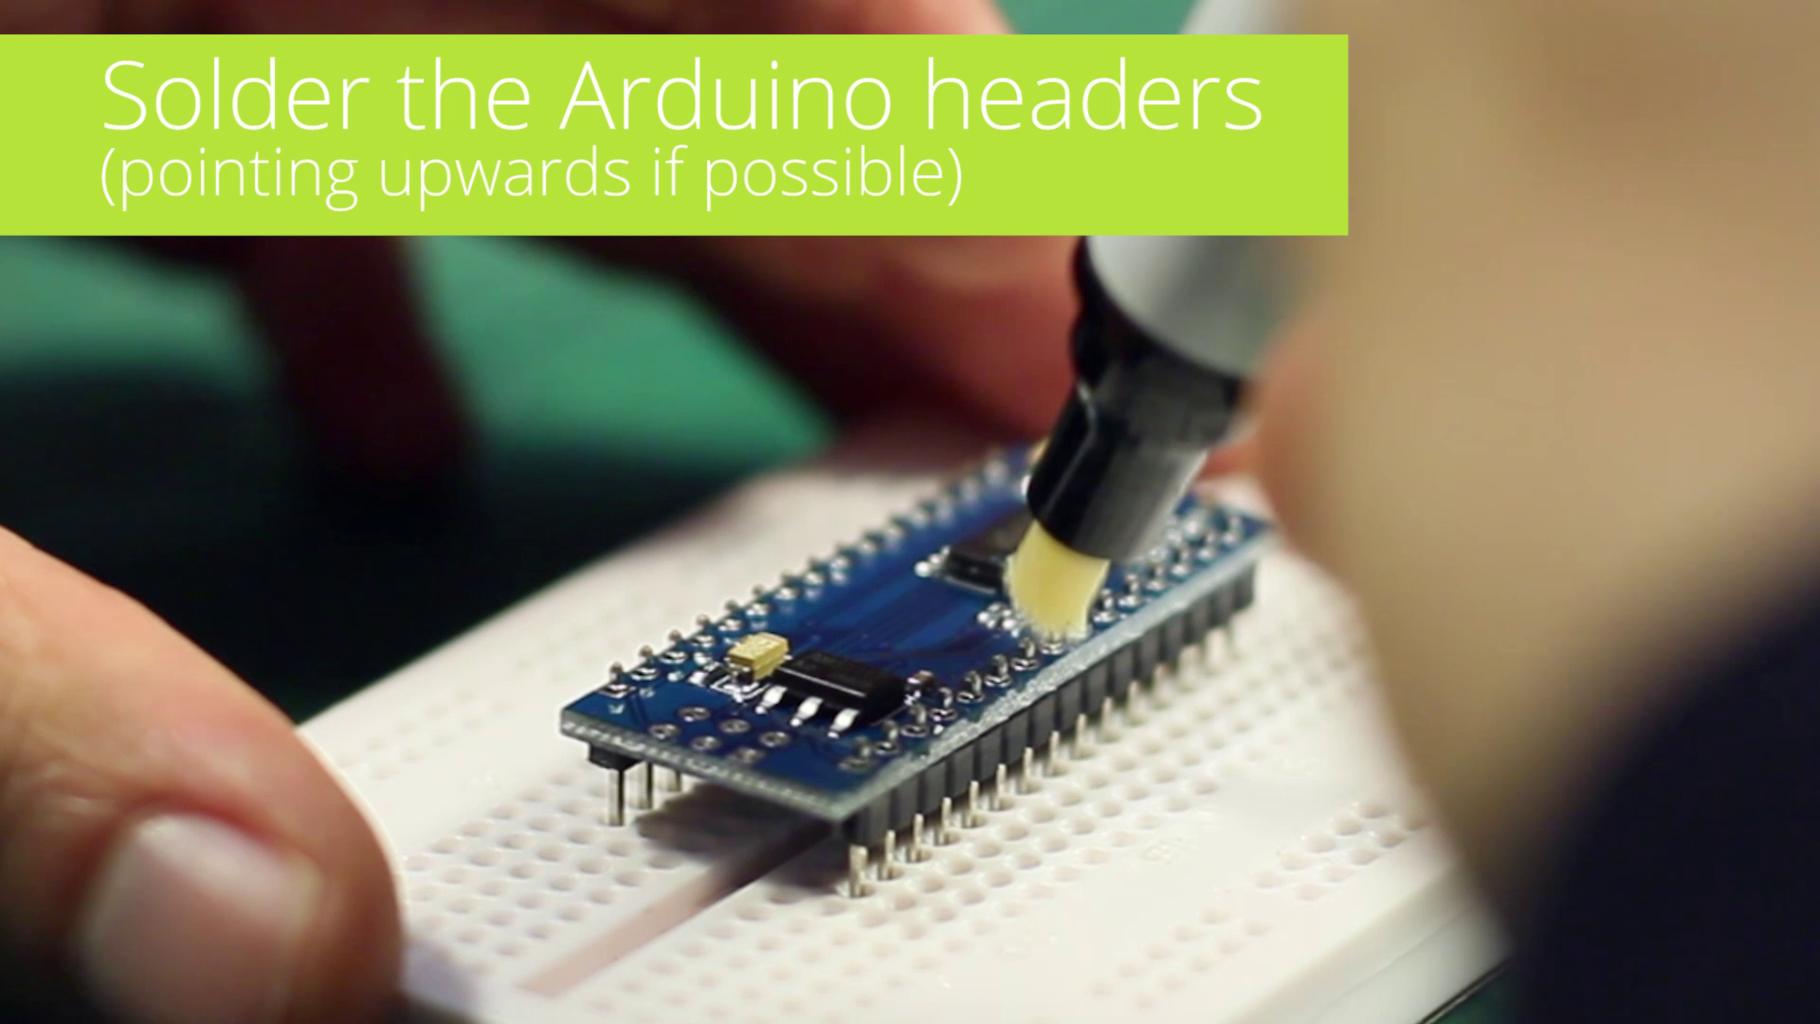 Solder Arduino Headers (upwards If Possible)